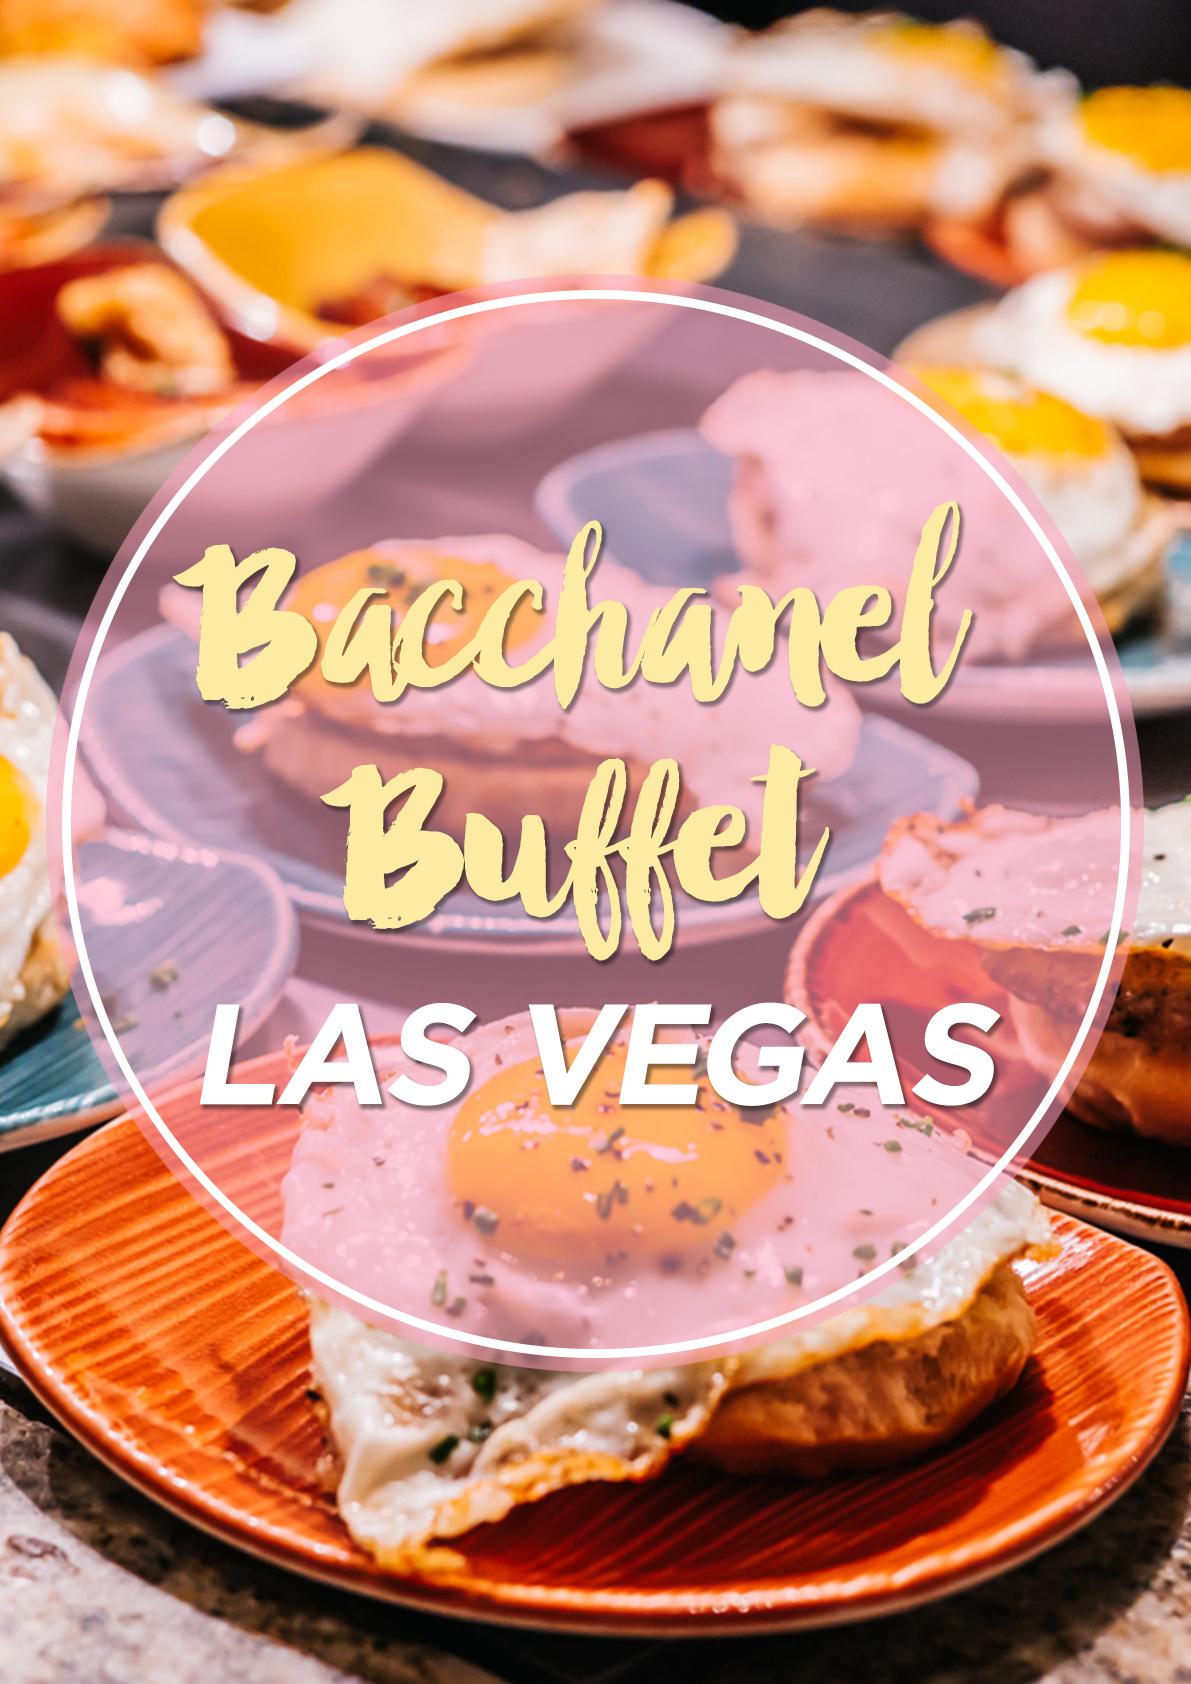 Pinterst Bacchanal buffet www.thetravelpockets.com